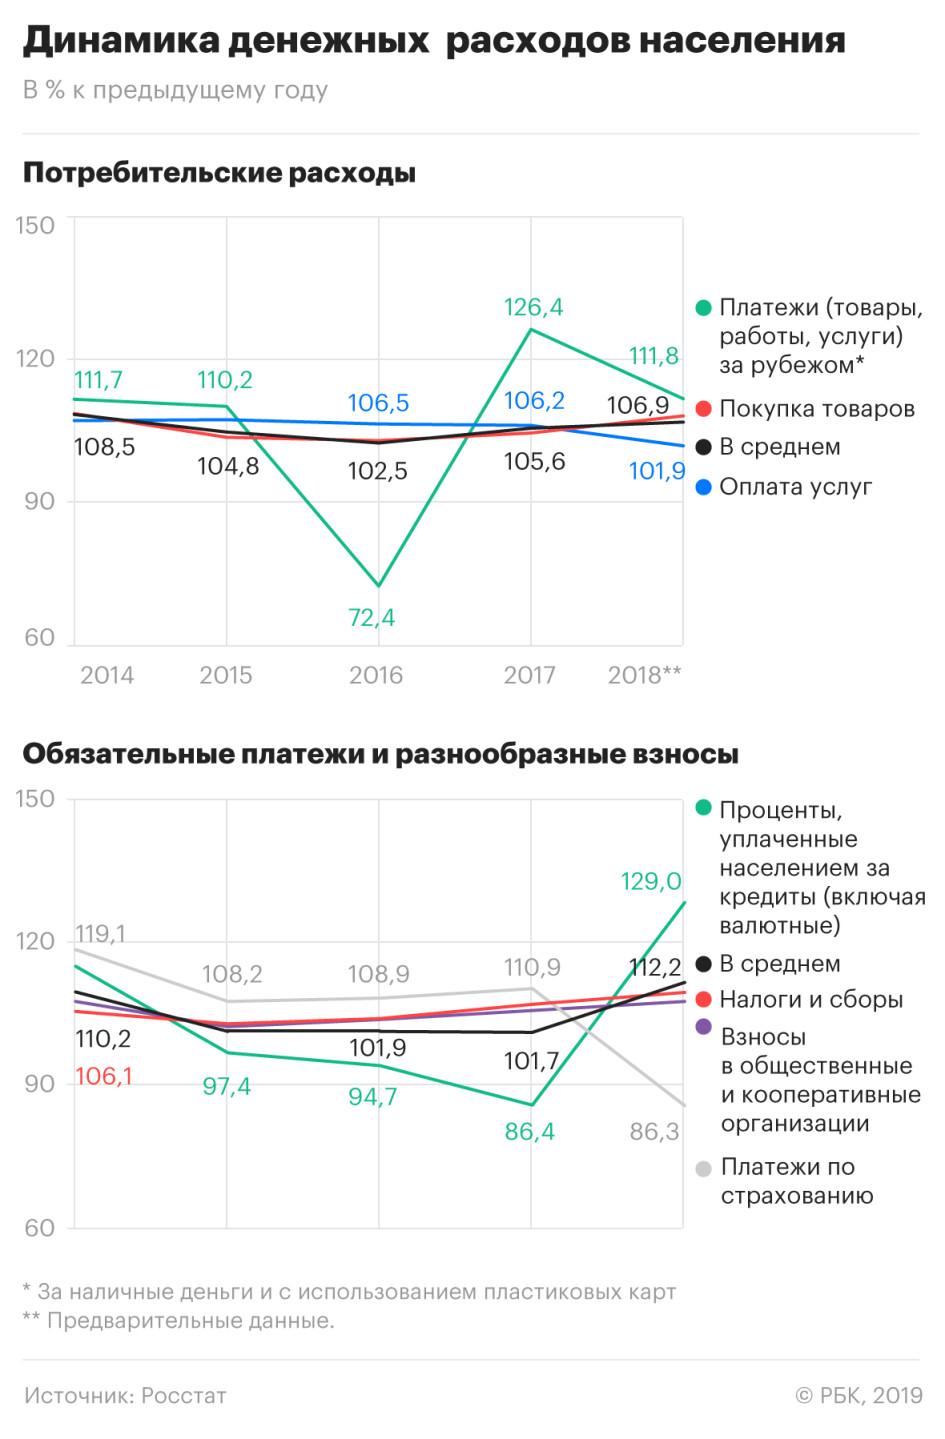 Рост выплат россиян государству и по кредитам достиг рекорда с 2014 года